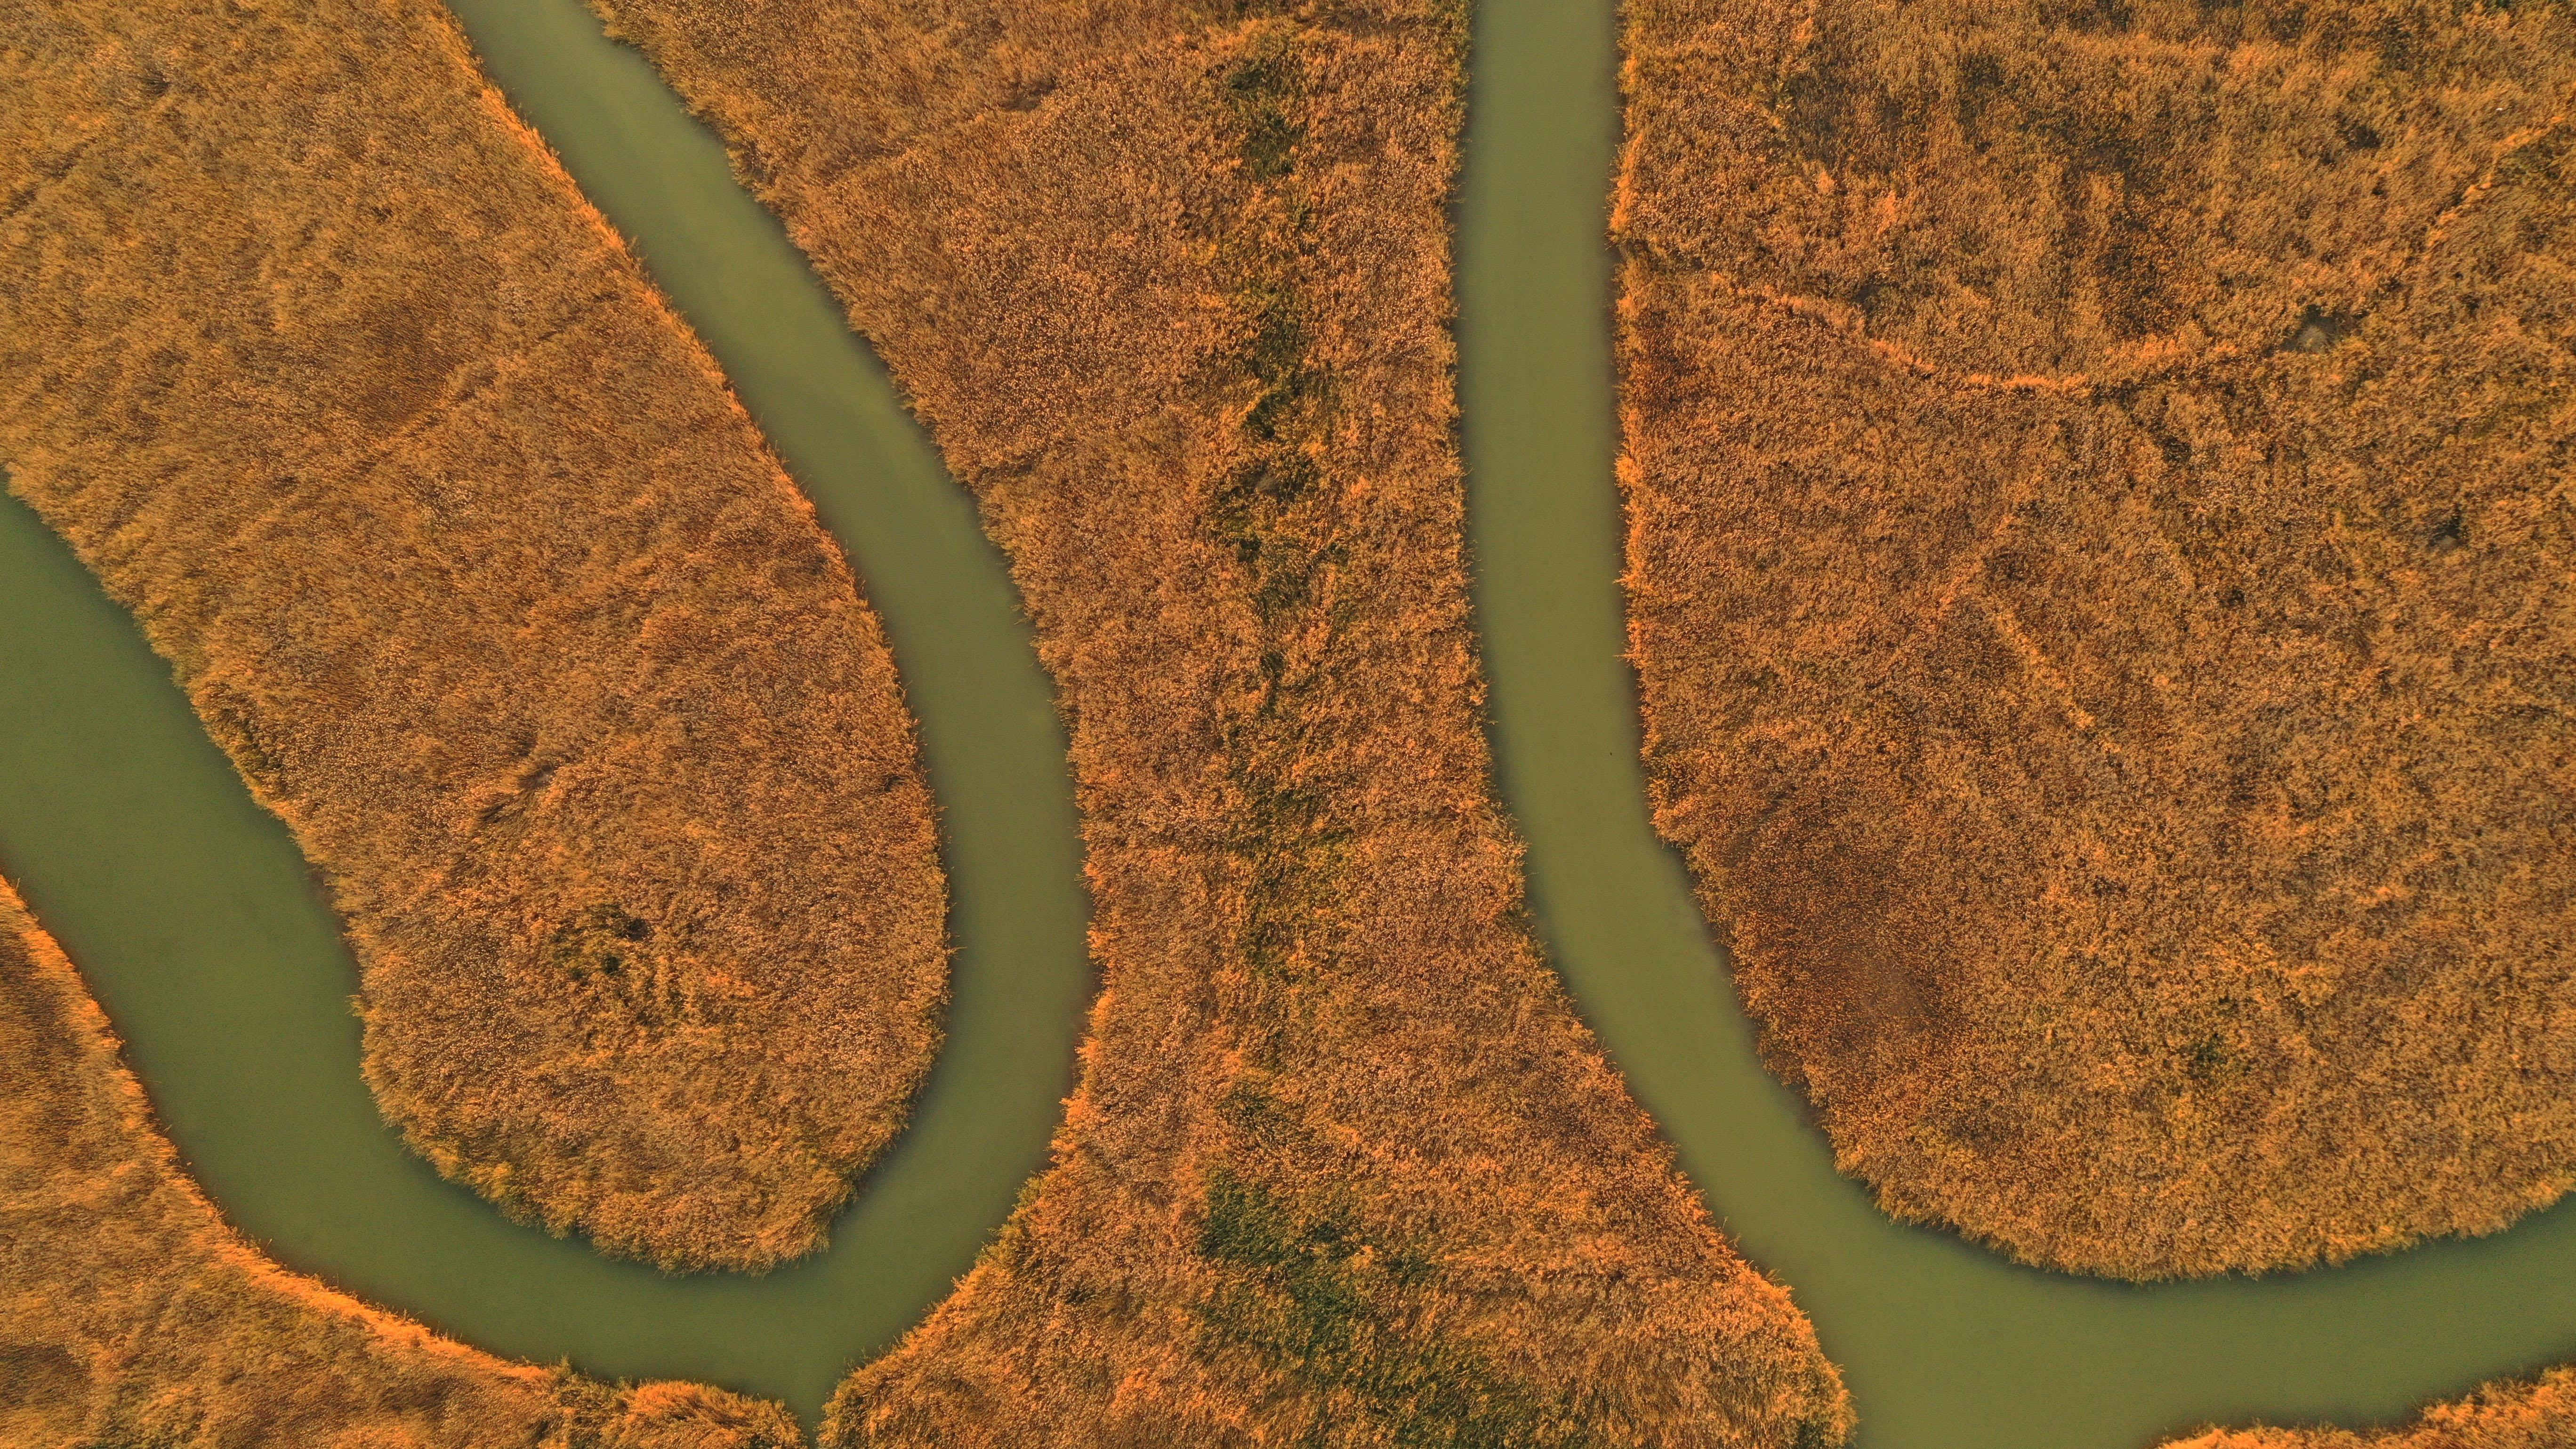 這是10月18日在寧夏沙湖景區拍攝的夕陽下的彩虹橋。金秋十月,位於寧夏石嘴山市平羅縣的沙湖景區秋色浸染,葦蕩金黃、候鳥翔集,構成一幅美麗的塞上江南秋景圖。(新華社)